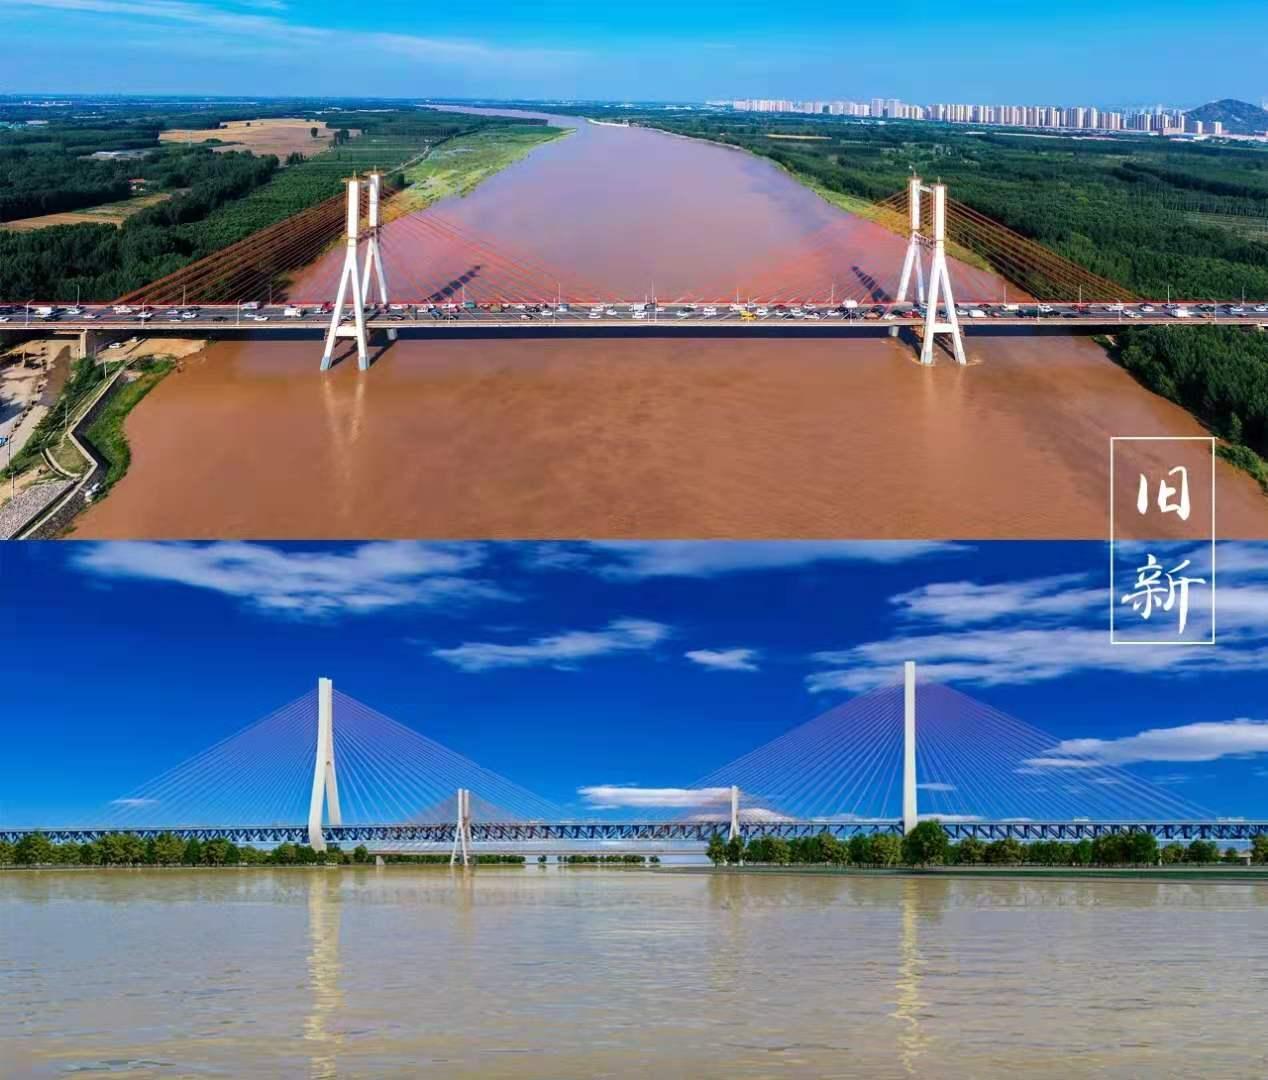 """零点立交拟拆除,新桥14条匝道 建成后将成为山东首座""""三通""""多功能涡轮型枢纽立交"""